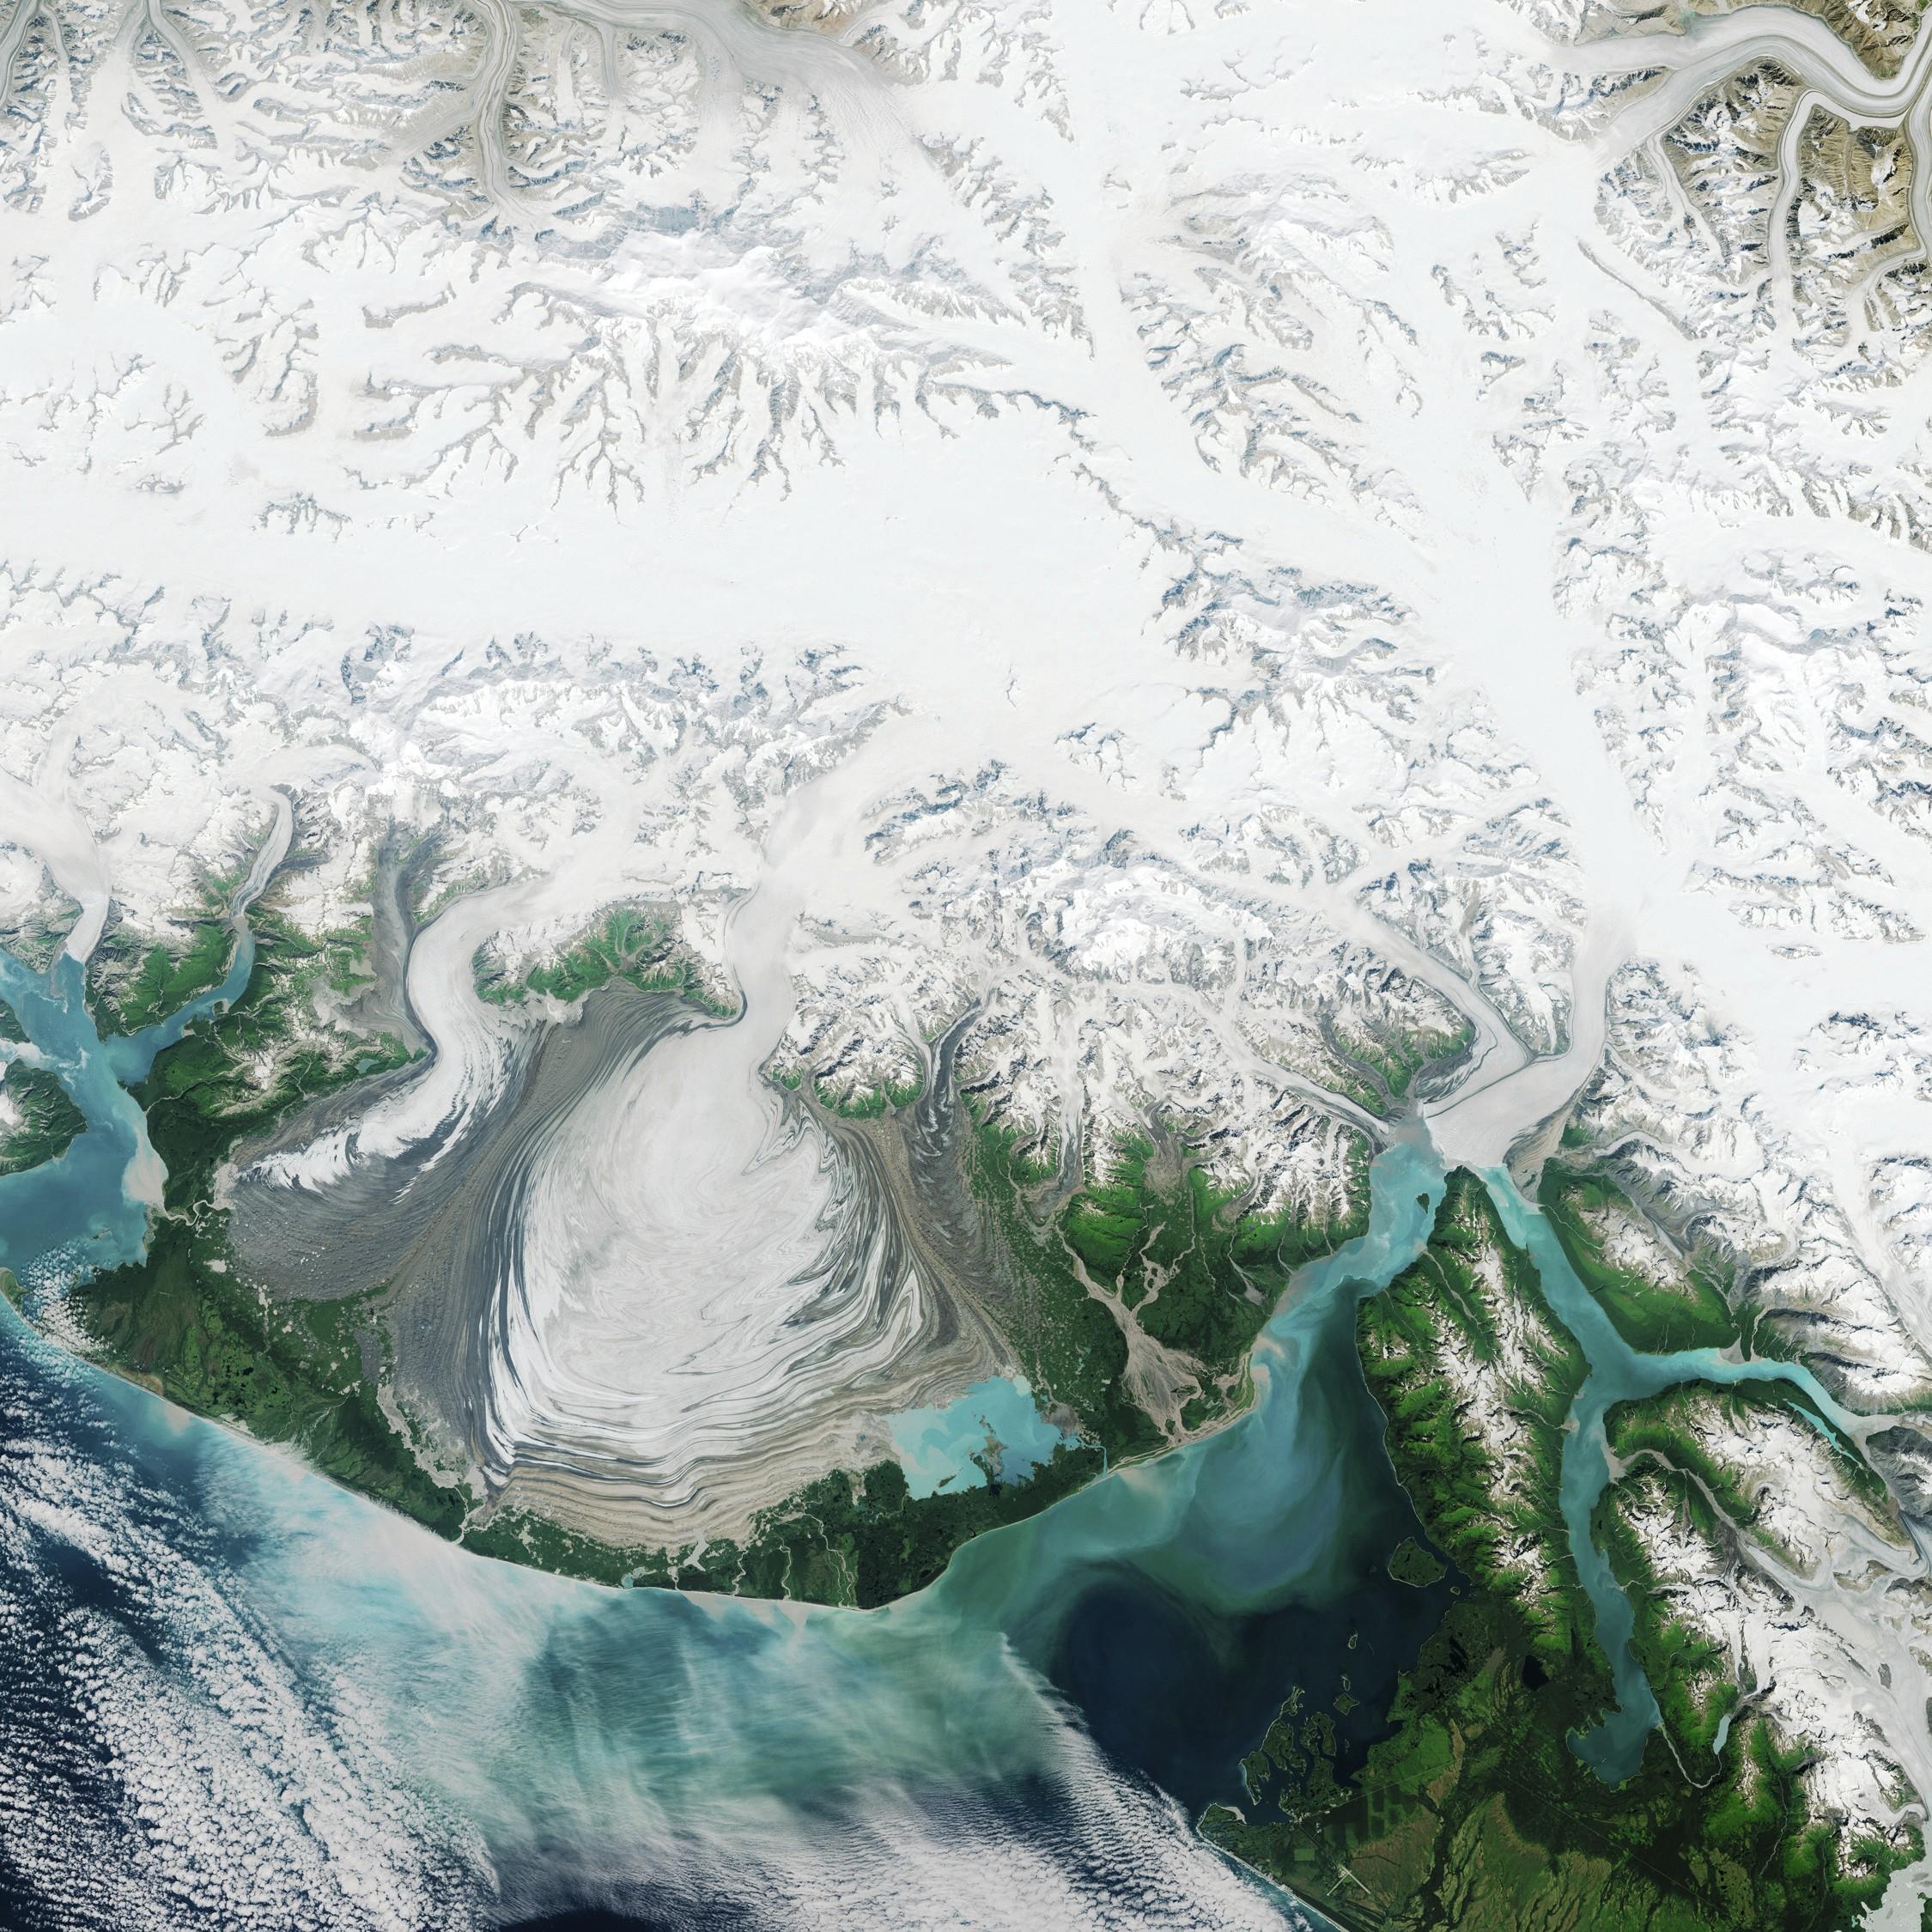 Vue satellitaire de la surface terrestre